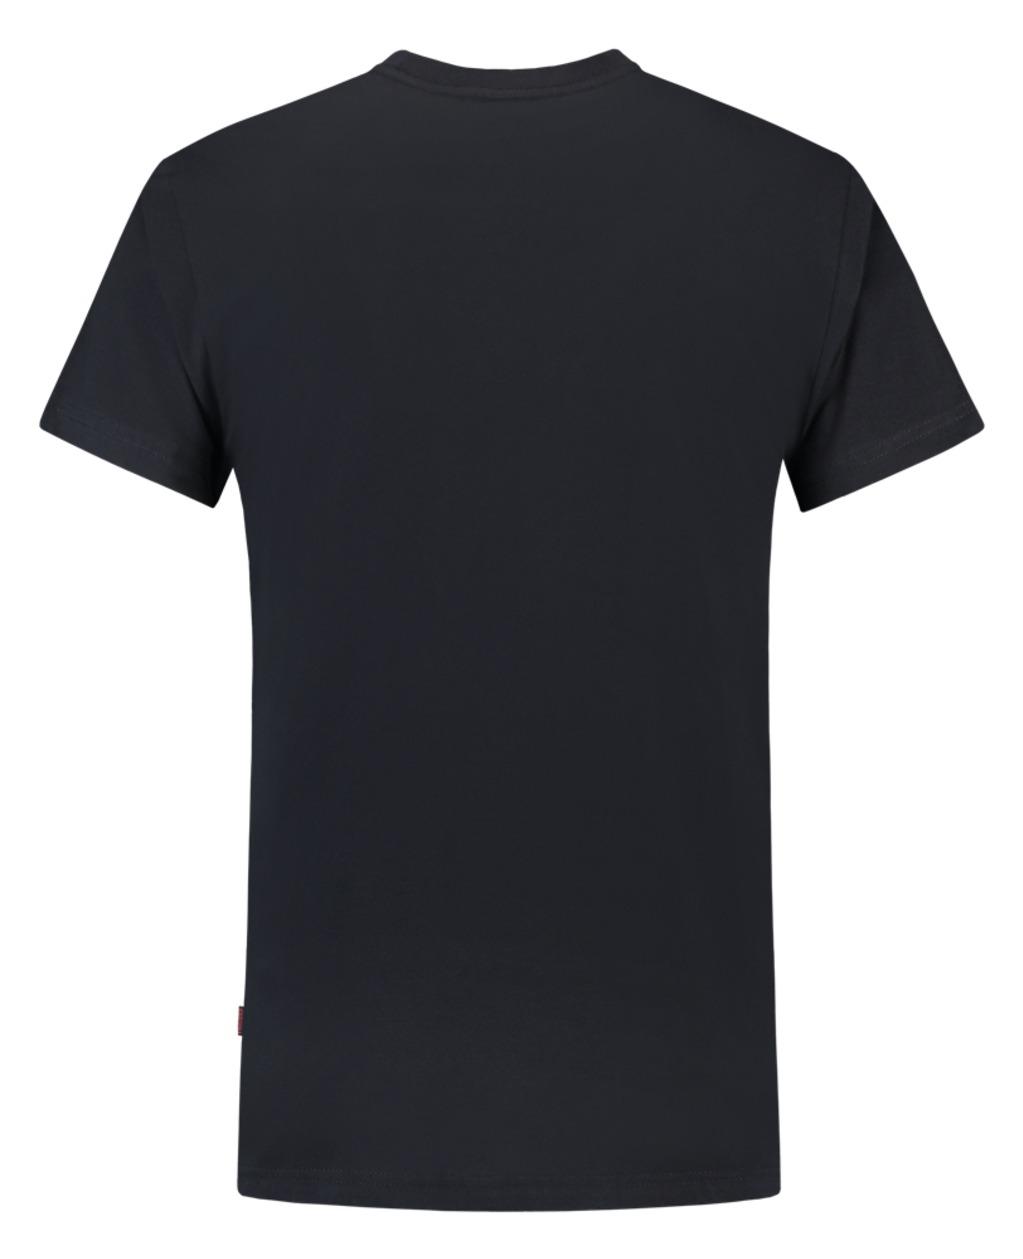 T145 T-shirt